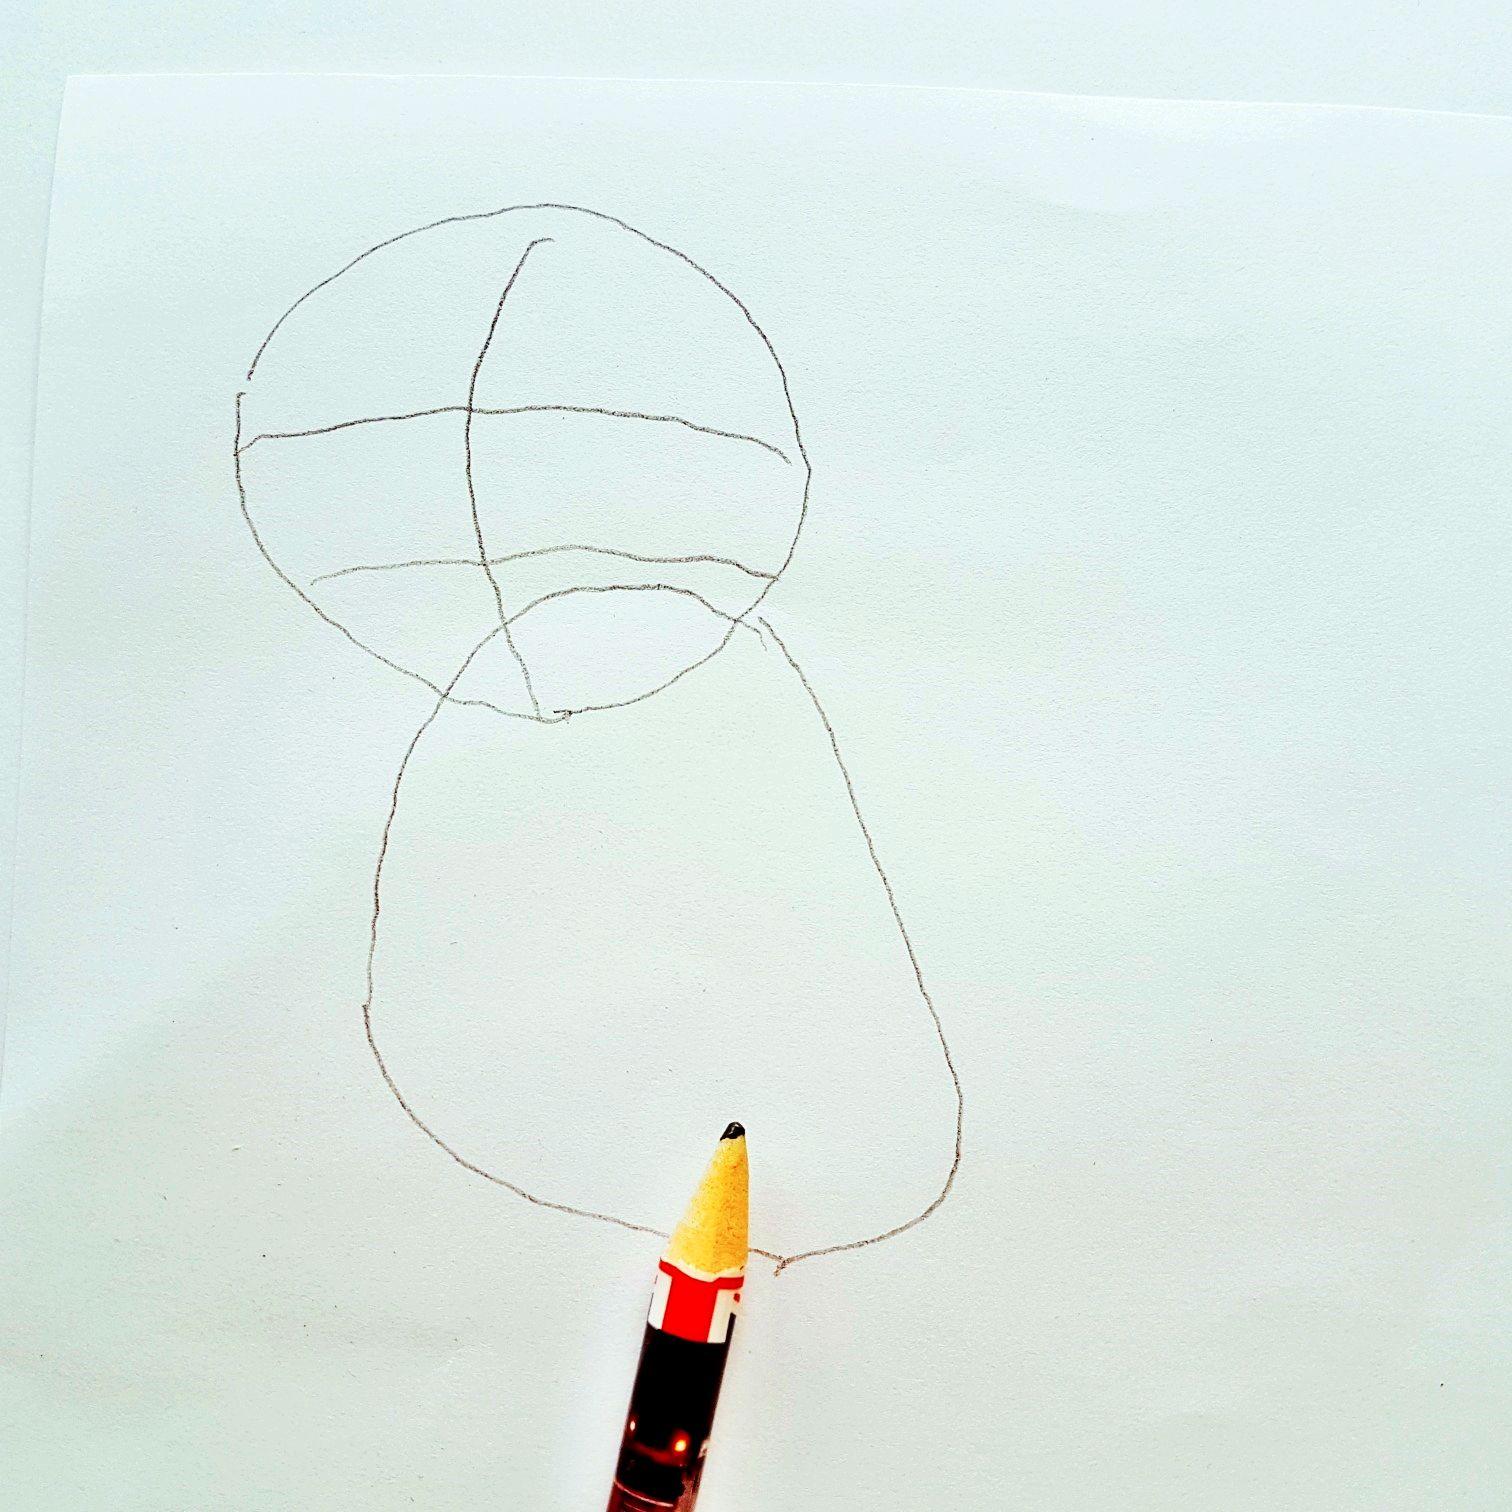 Anleitung zum zeichnen von dem Pokemon Glumanda